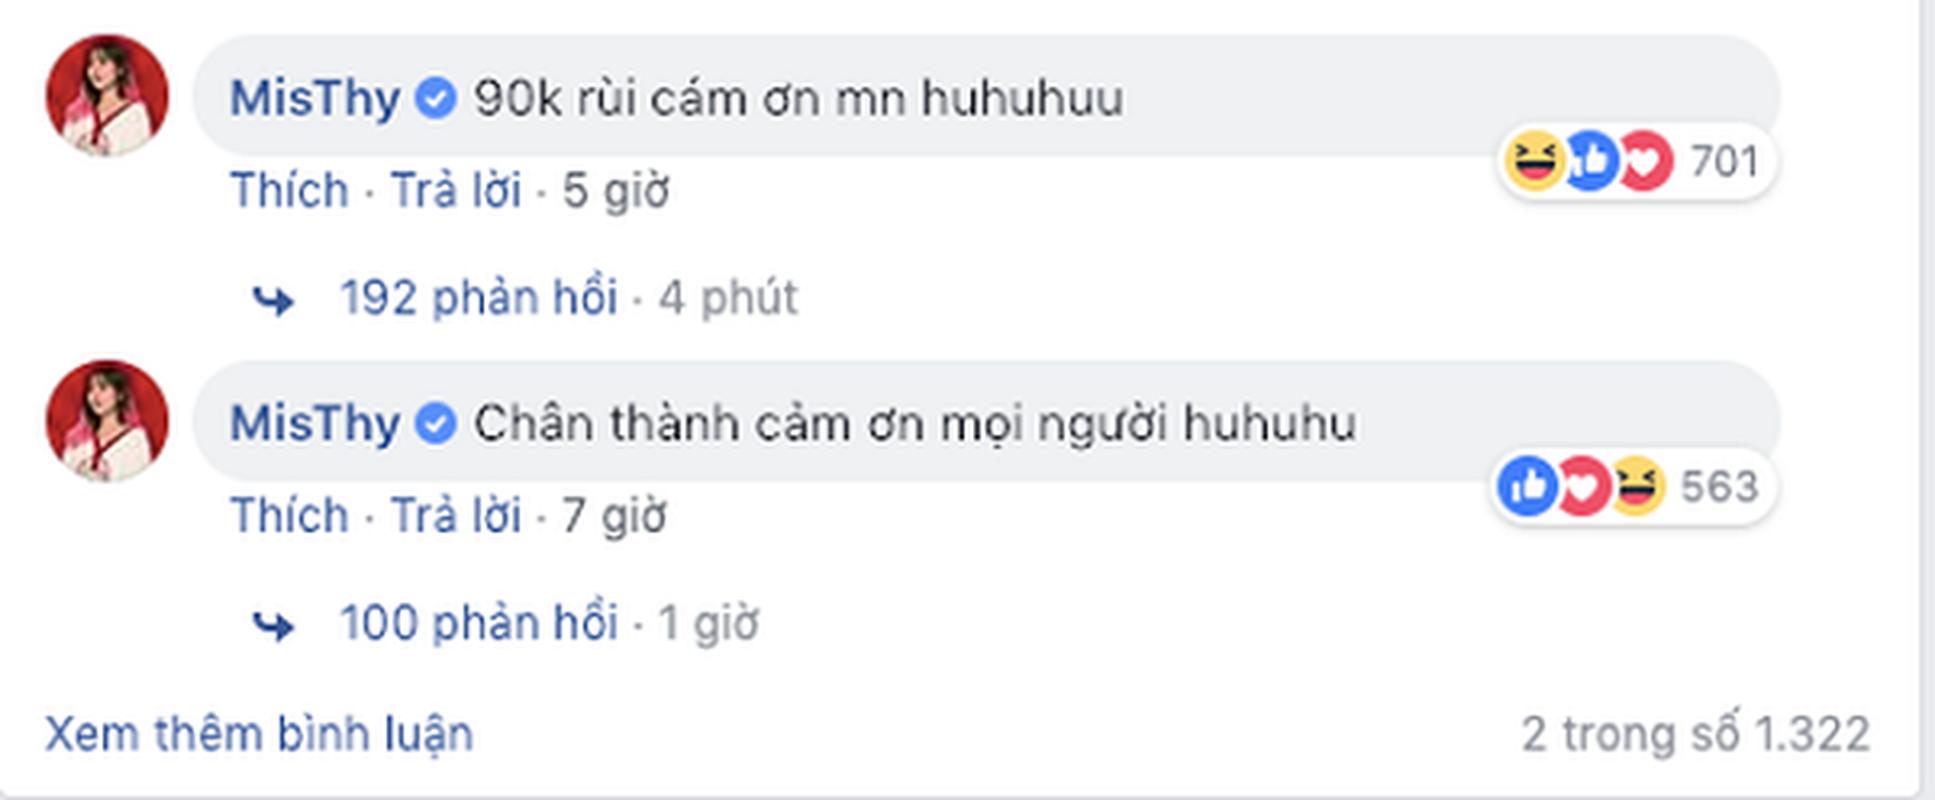 """Streamer, youtuber Viet tung """"khoc nhu mua"""" vi nhung lan... va mieng-Hinh-11"""